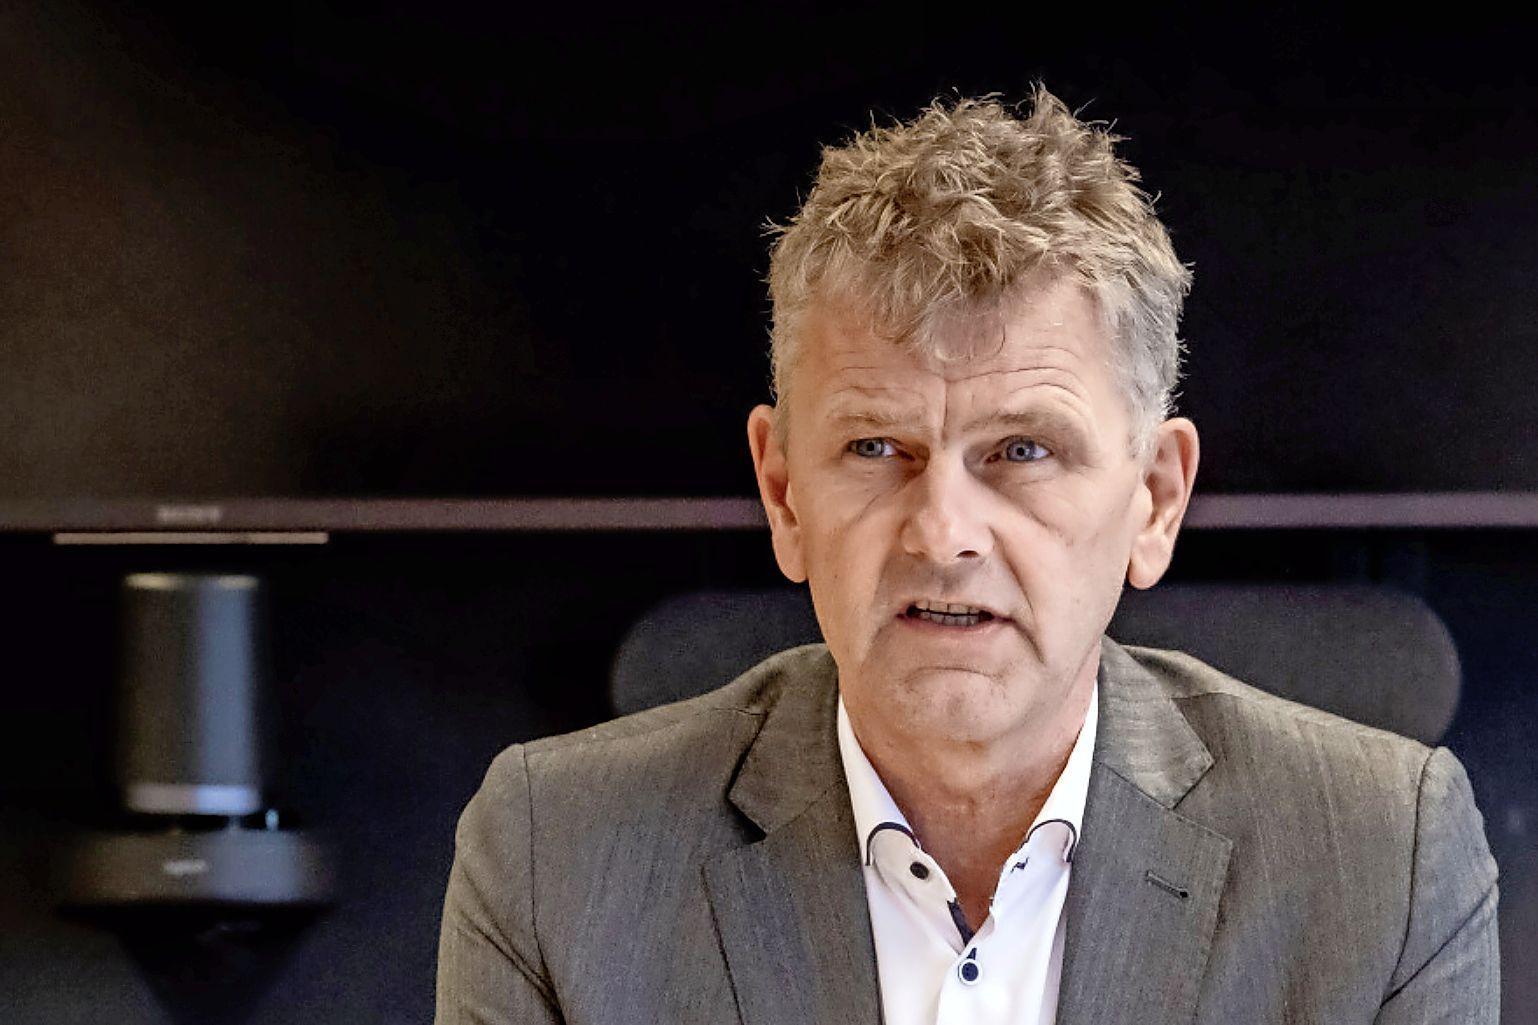 Burgemeester Smit van Beverwijk blikt terug op vertrek wethouder Erol: 'Het was zíjn besluit. Nee, dit is geen vrolijke dag'